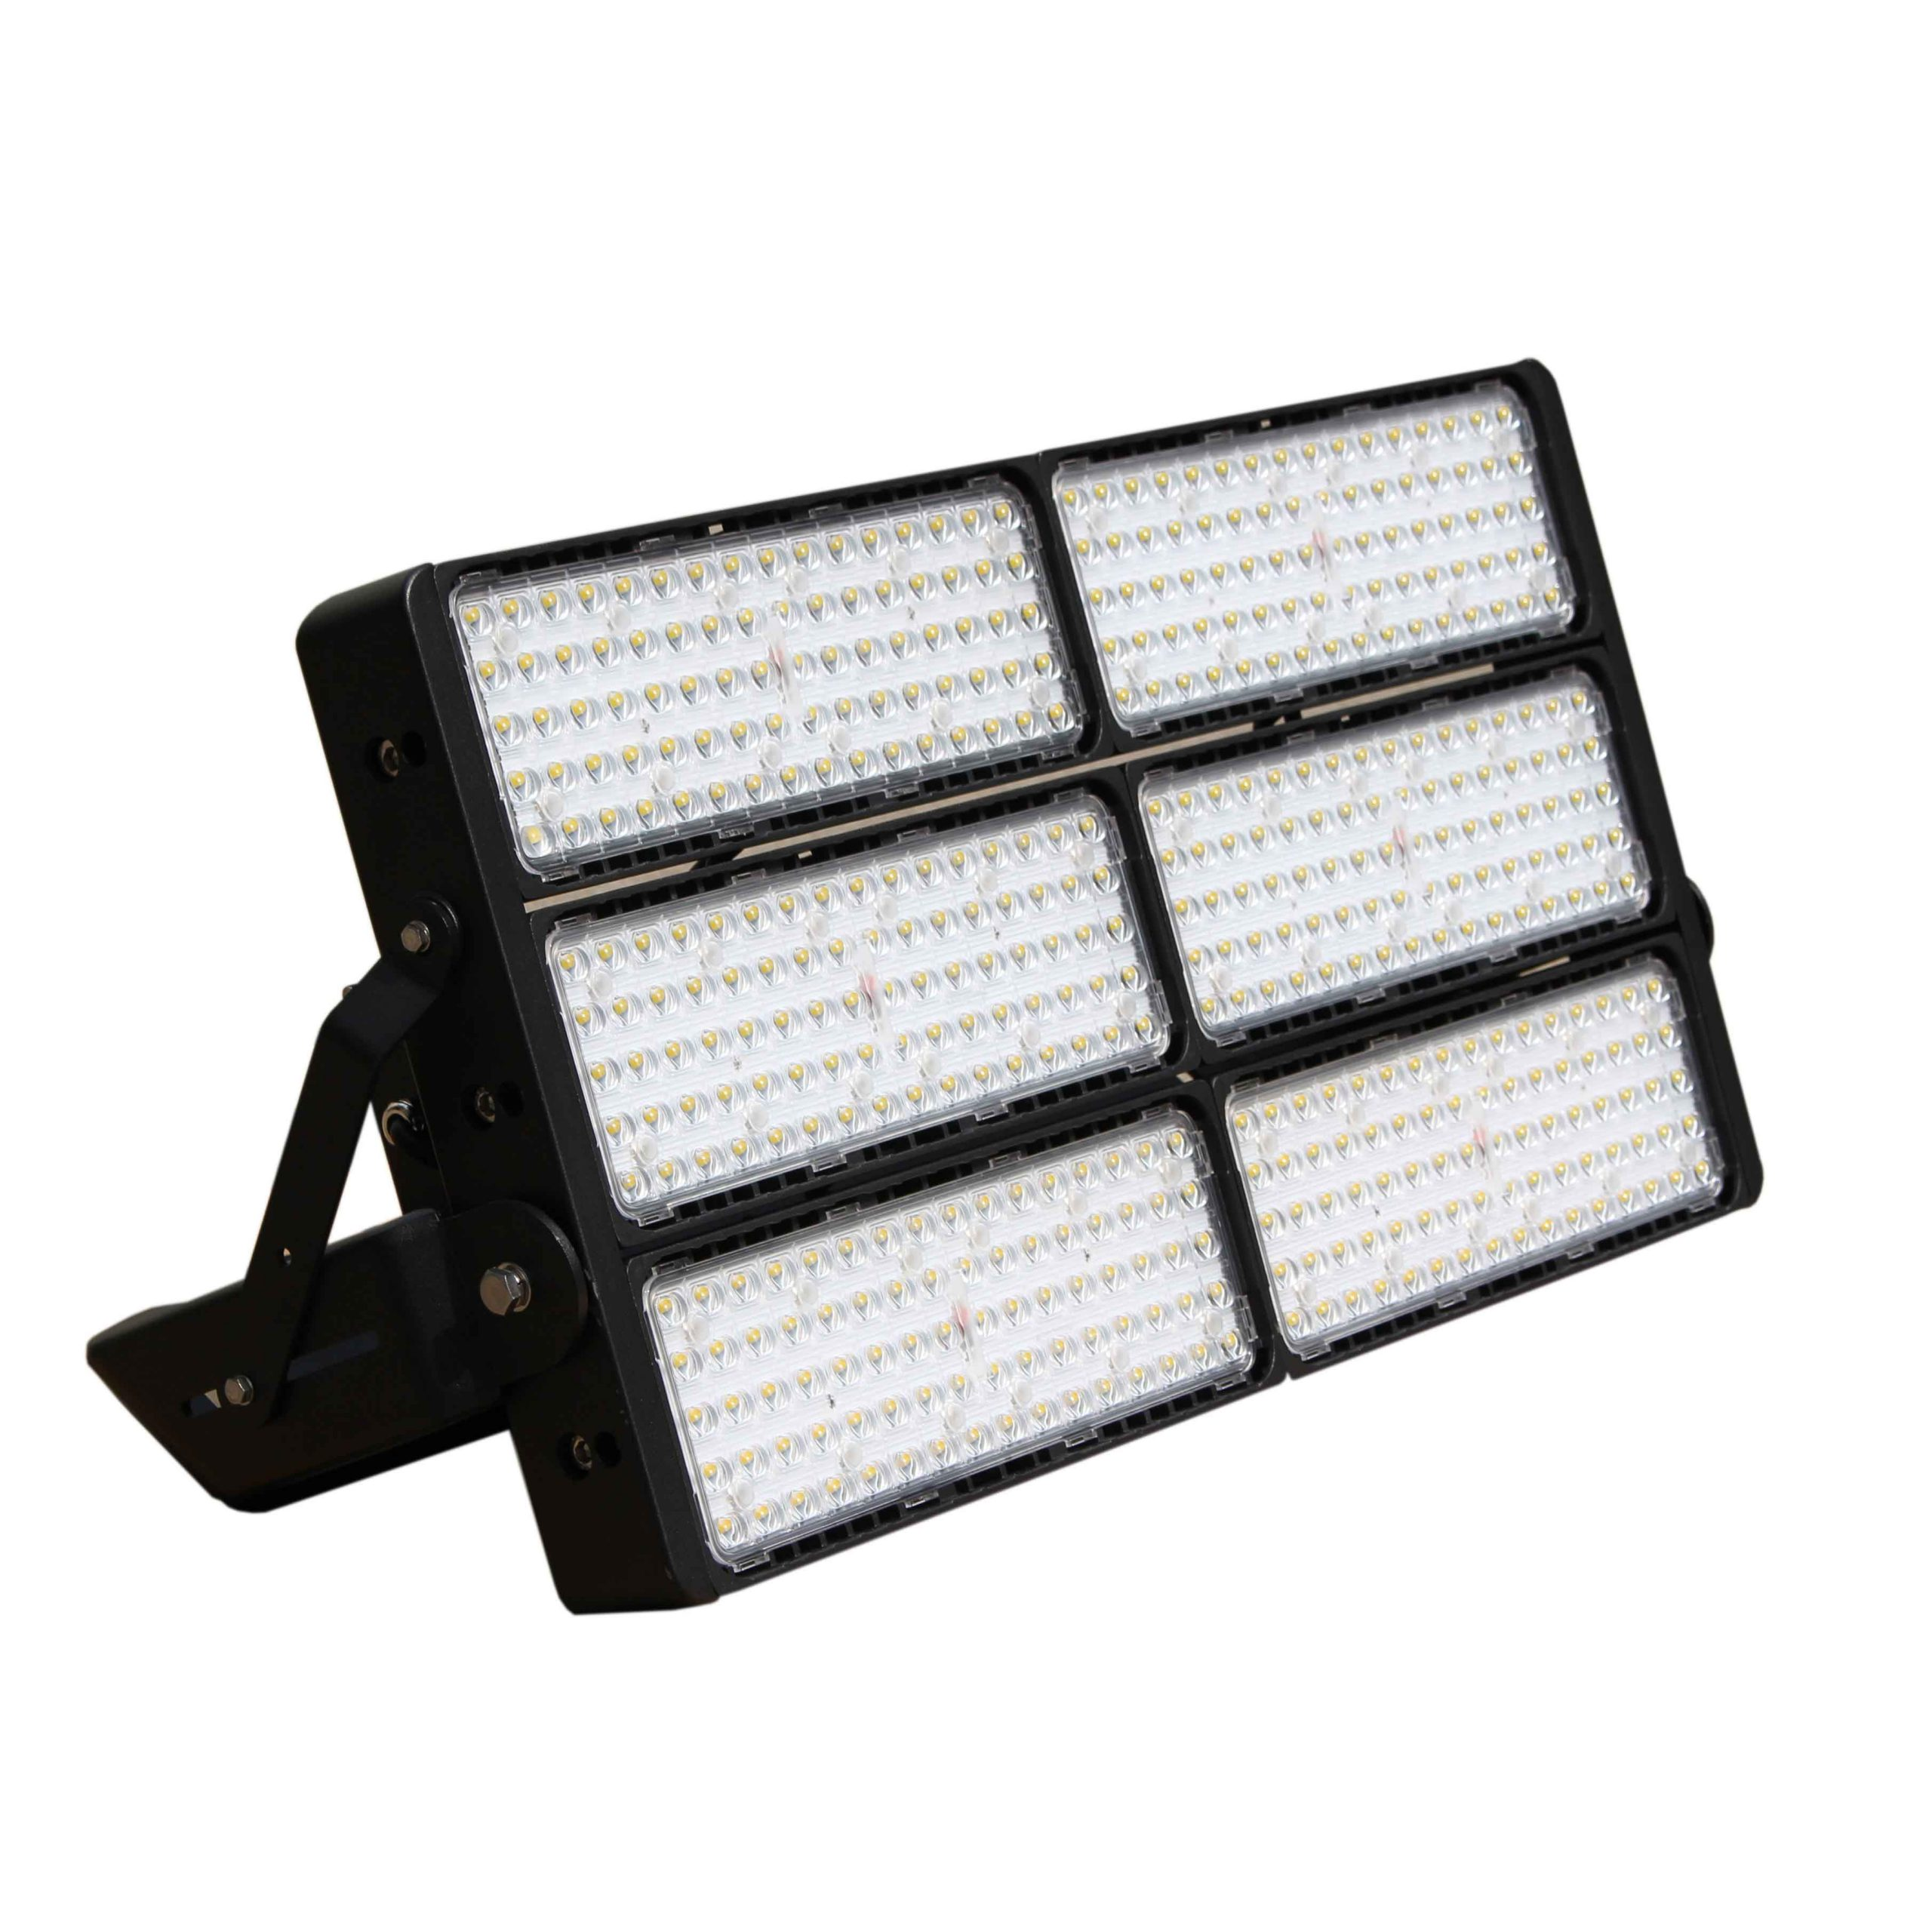 LED Outdoor Flood Lights